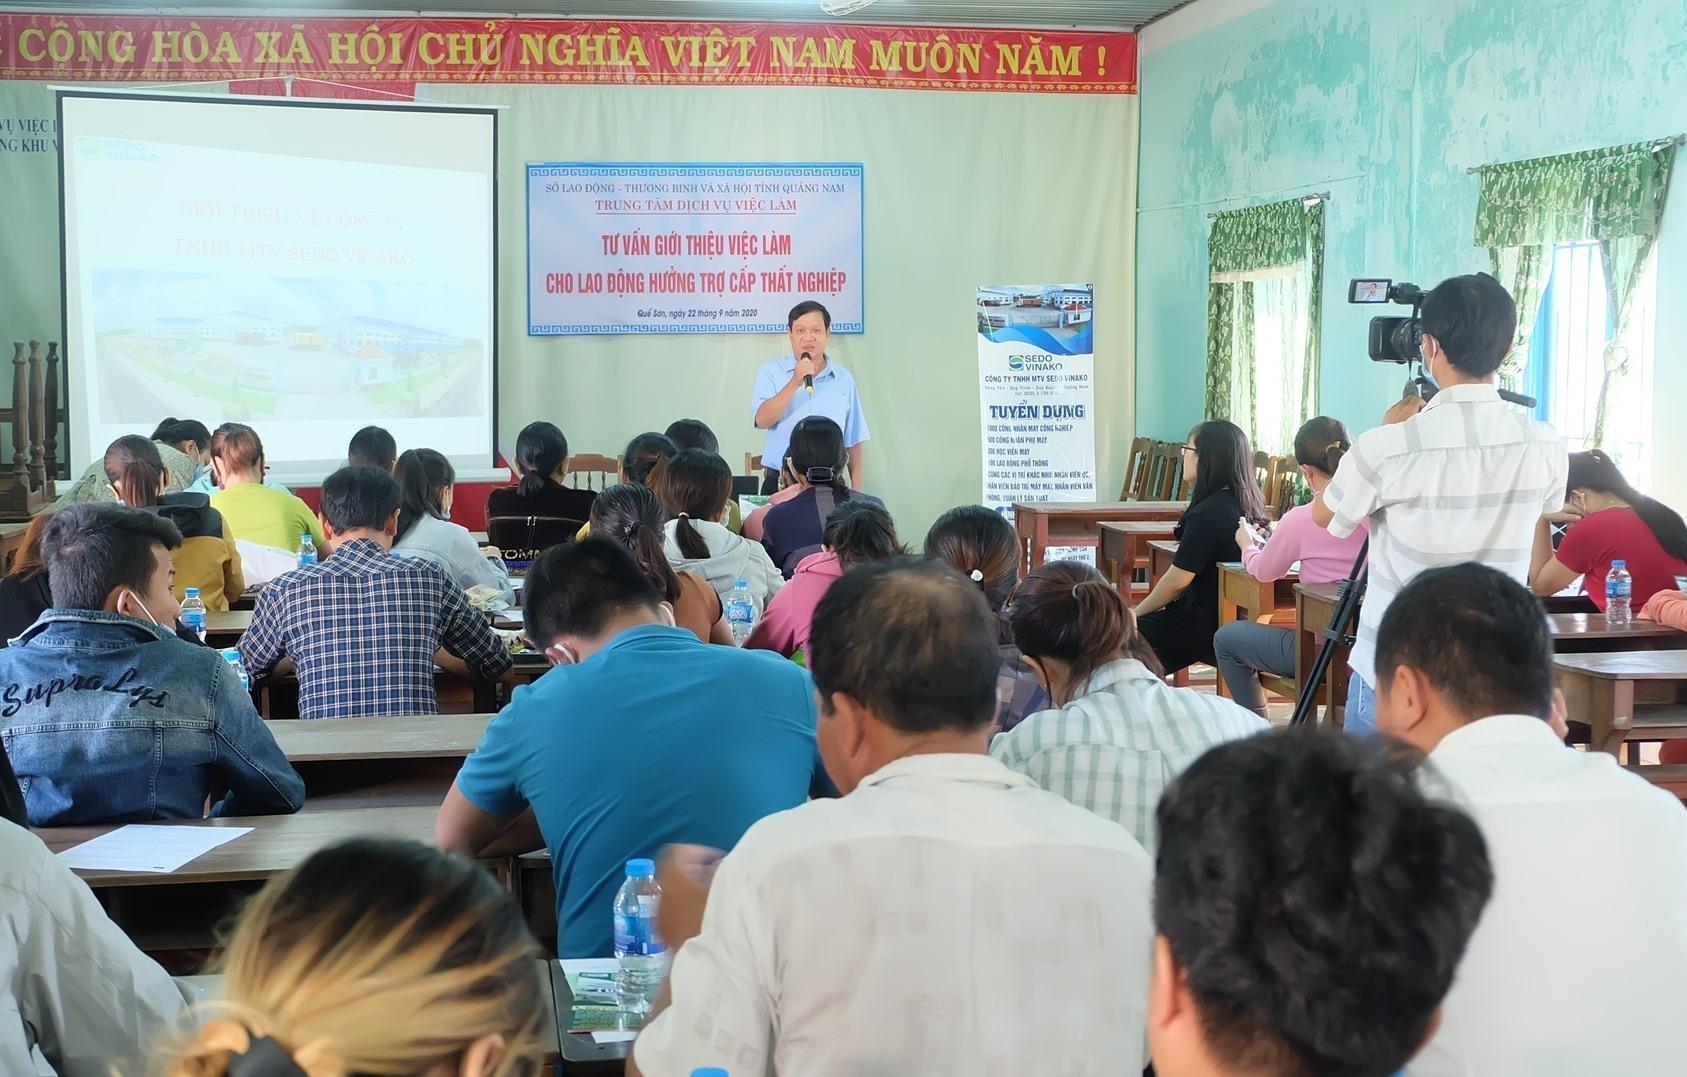 Người lao động tham gia buổi tư vấn việc làm tại Văn phòng Trung tâm Dịch vụ việc làm Quảng Nam ở Quế Sơn. Ảnh: M.L